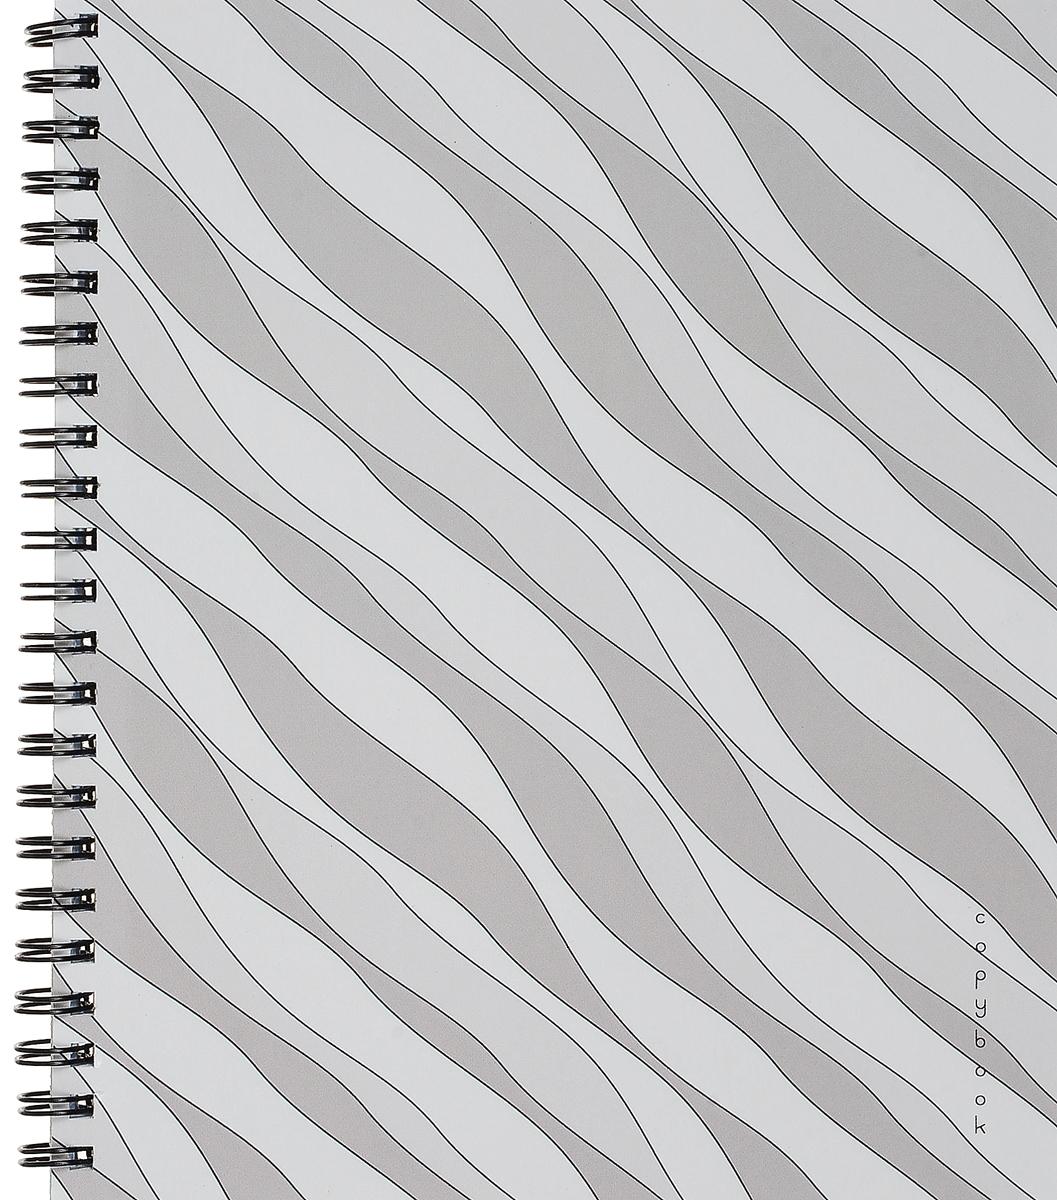 Канц-Эксмо Тетрадь Гармония цвета 96 листов в клетку цвет серый, белыйТСЛ965215_серый, белыйТетрадь Гармония цвета прекрасно подойдет как для рабочих целей, так и для записей ваших творческих мыслей.Красивый дизайн и качественный внутренний блок.В тетради 96 листов офсетной бумаги в клетку формата А5.Плотность бумаги составляет 60 г/м2. Обложка тетради выполнена из мелованного картона. Выборочный лакНа листах в тетради нет полей. Крепление листов в тетради Гармония цвета - гребень.